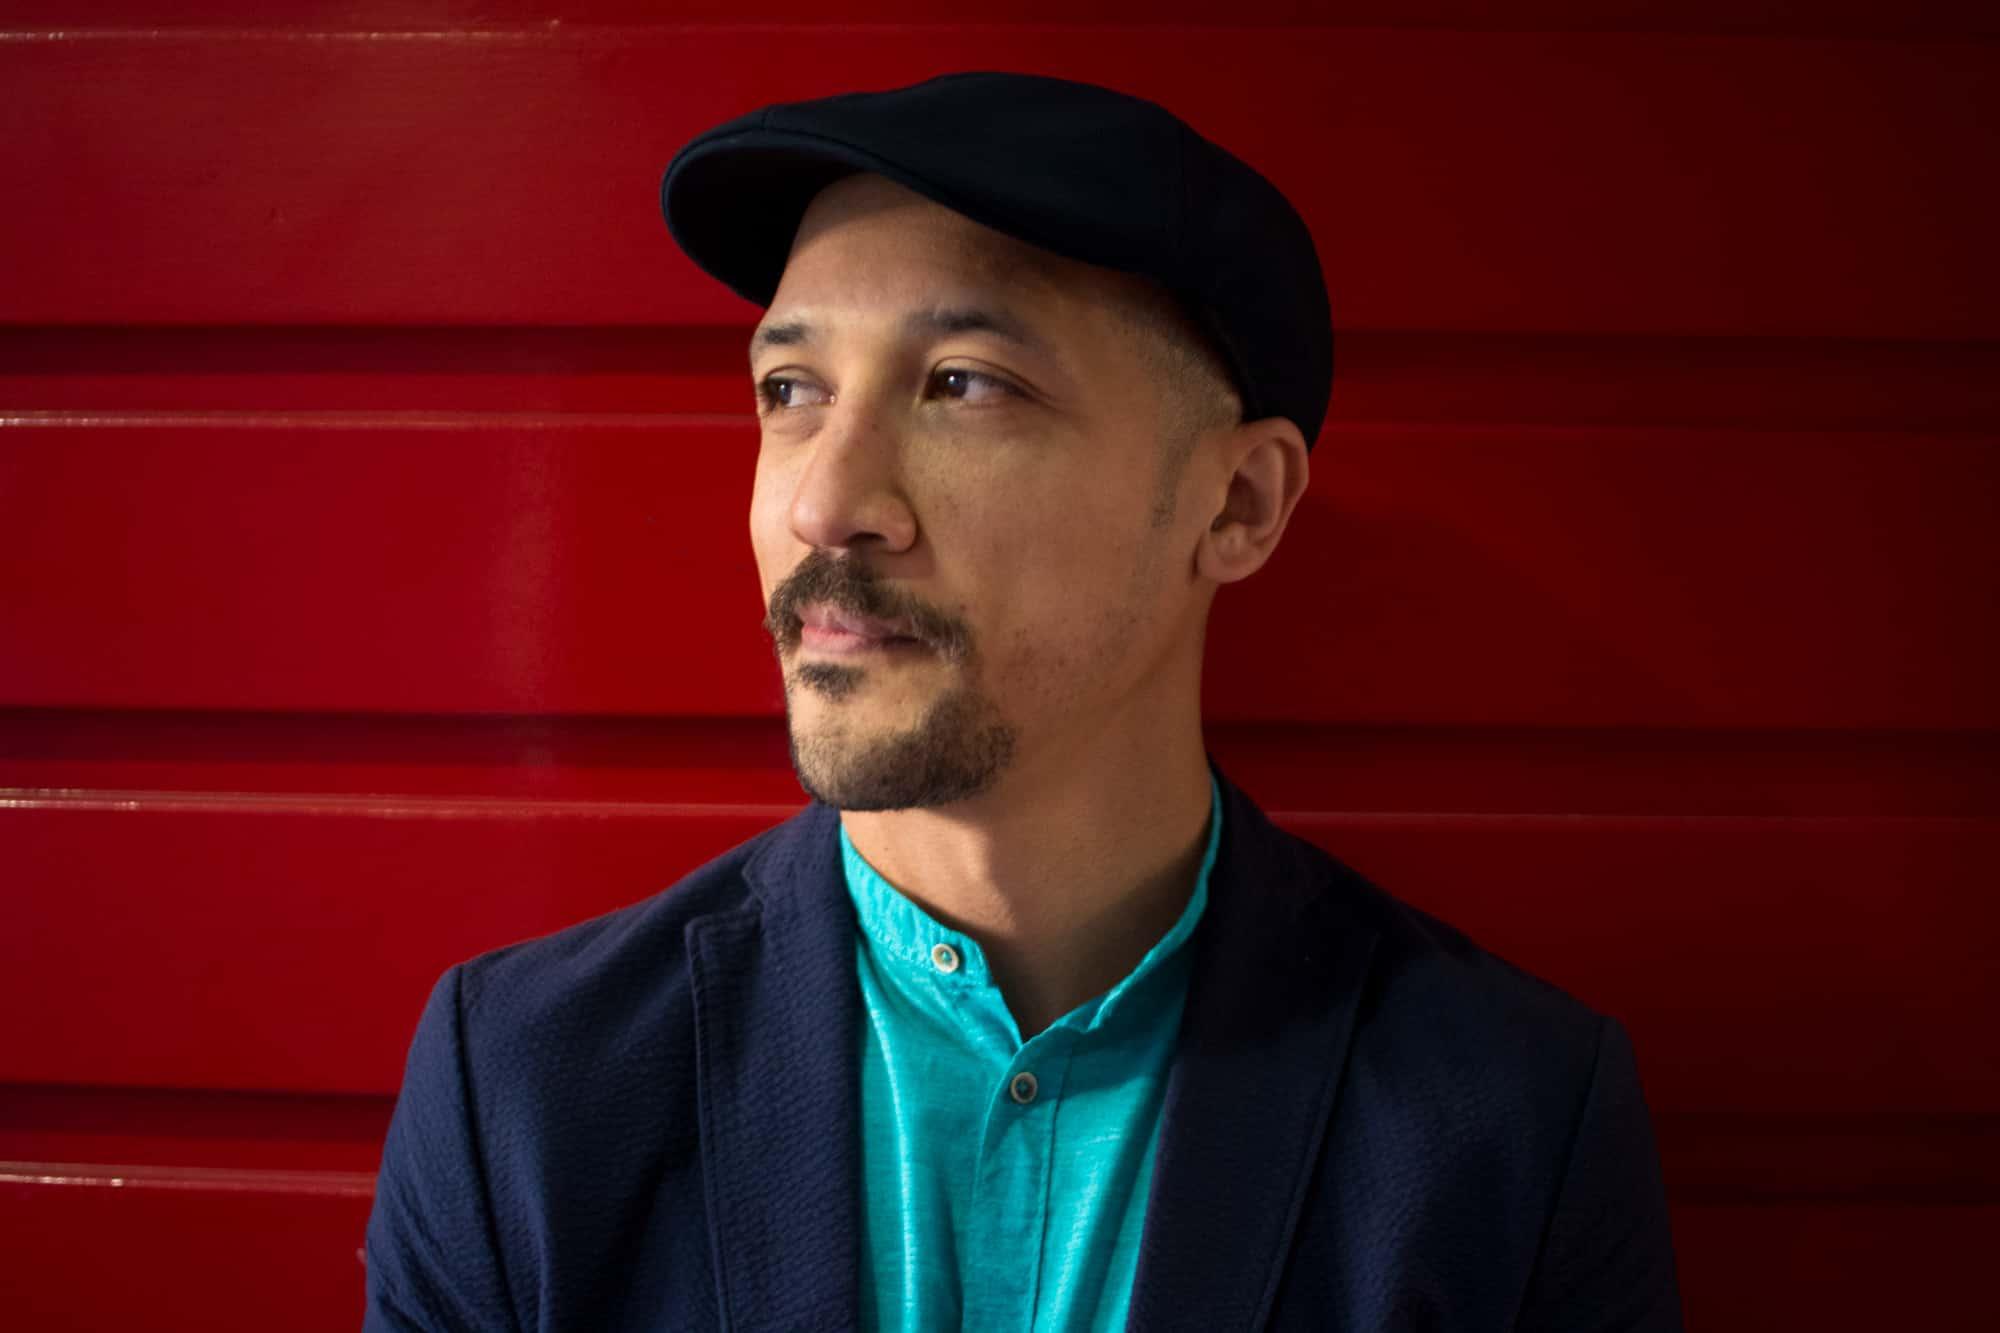 Leroy Gutierrez